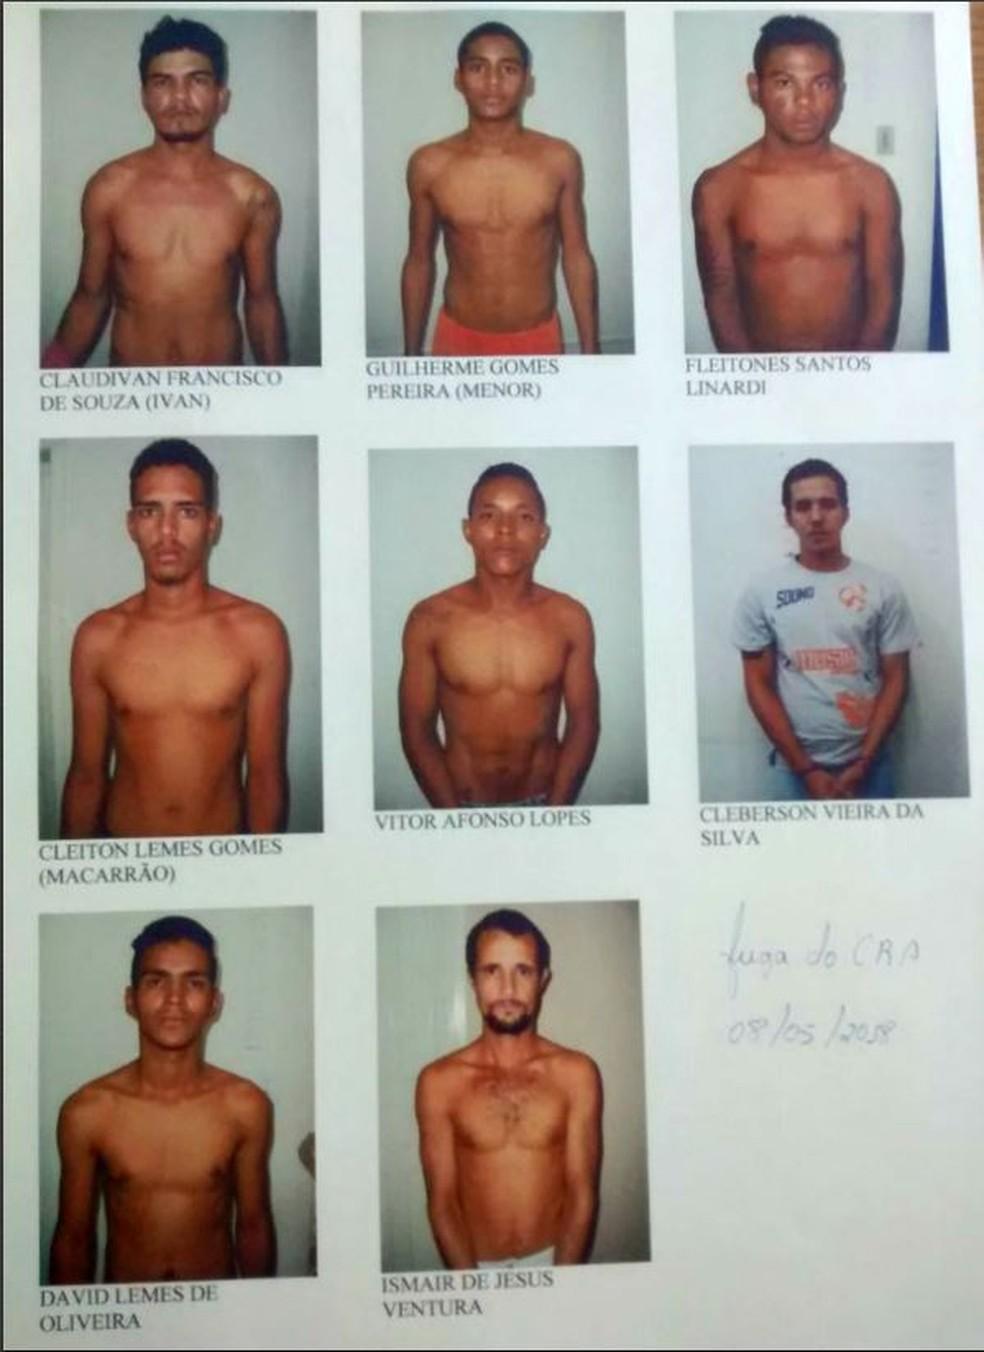 Direção do presídio divulgou as imagens dos fugitivos; David Lemes é o penúltimo na lista de fotos (Foto: Divulgação)